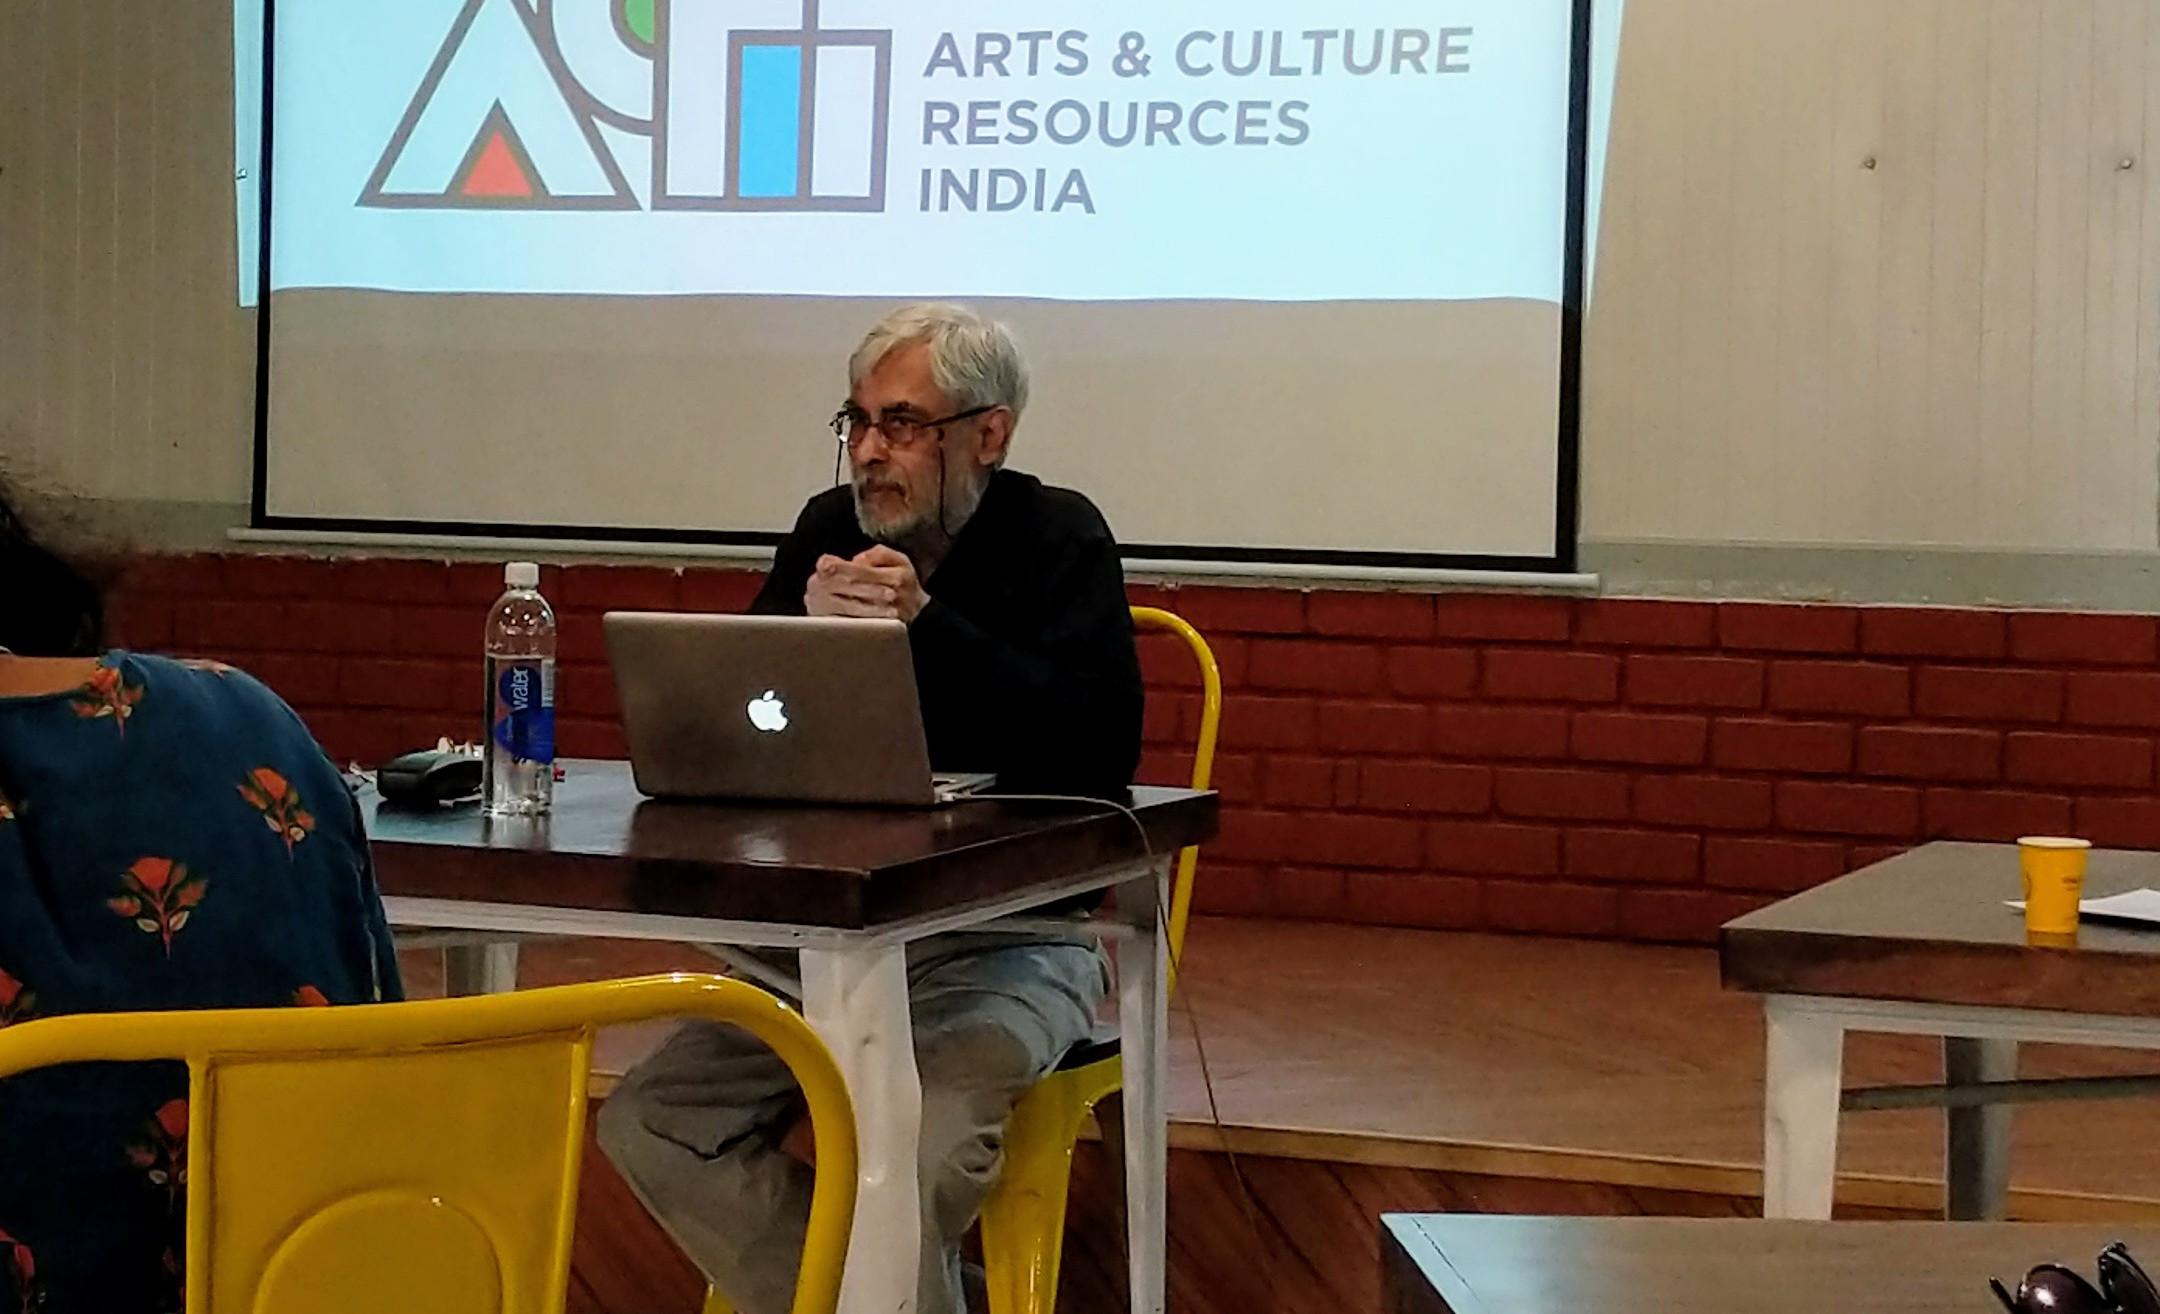 ACRI Bengaluru Grant Writing Anmol Vellani